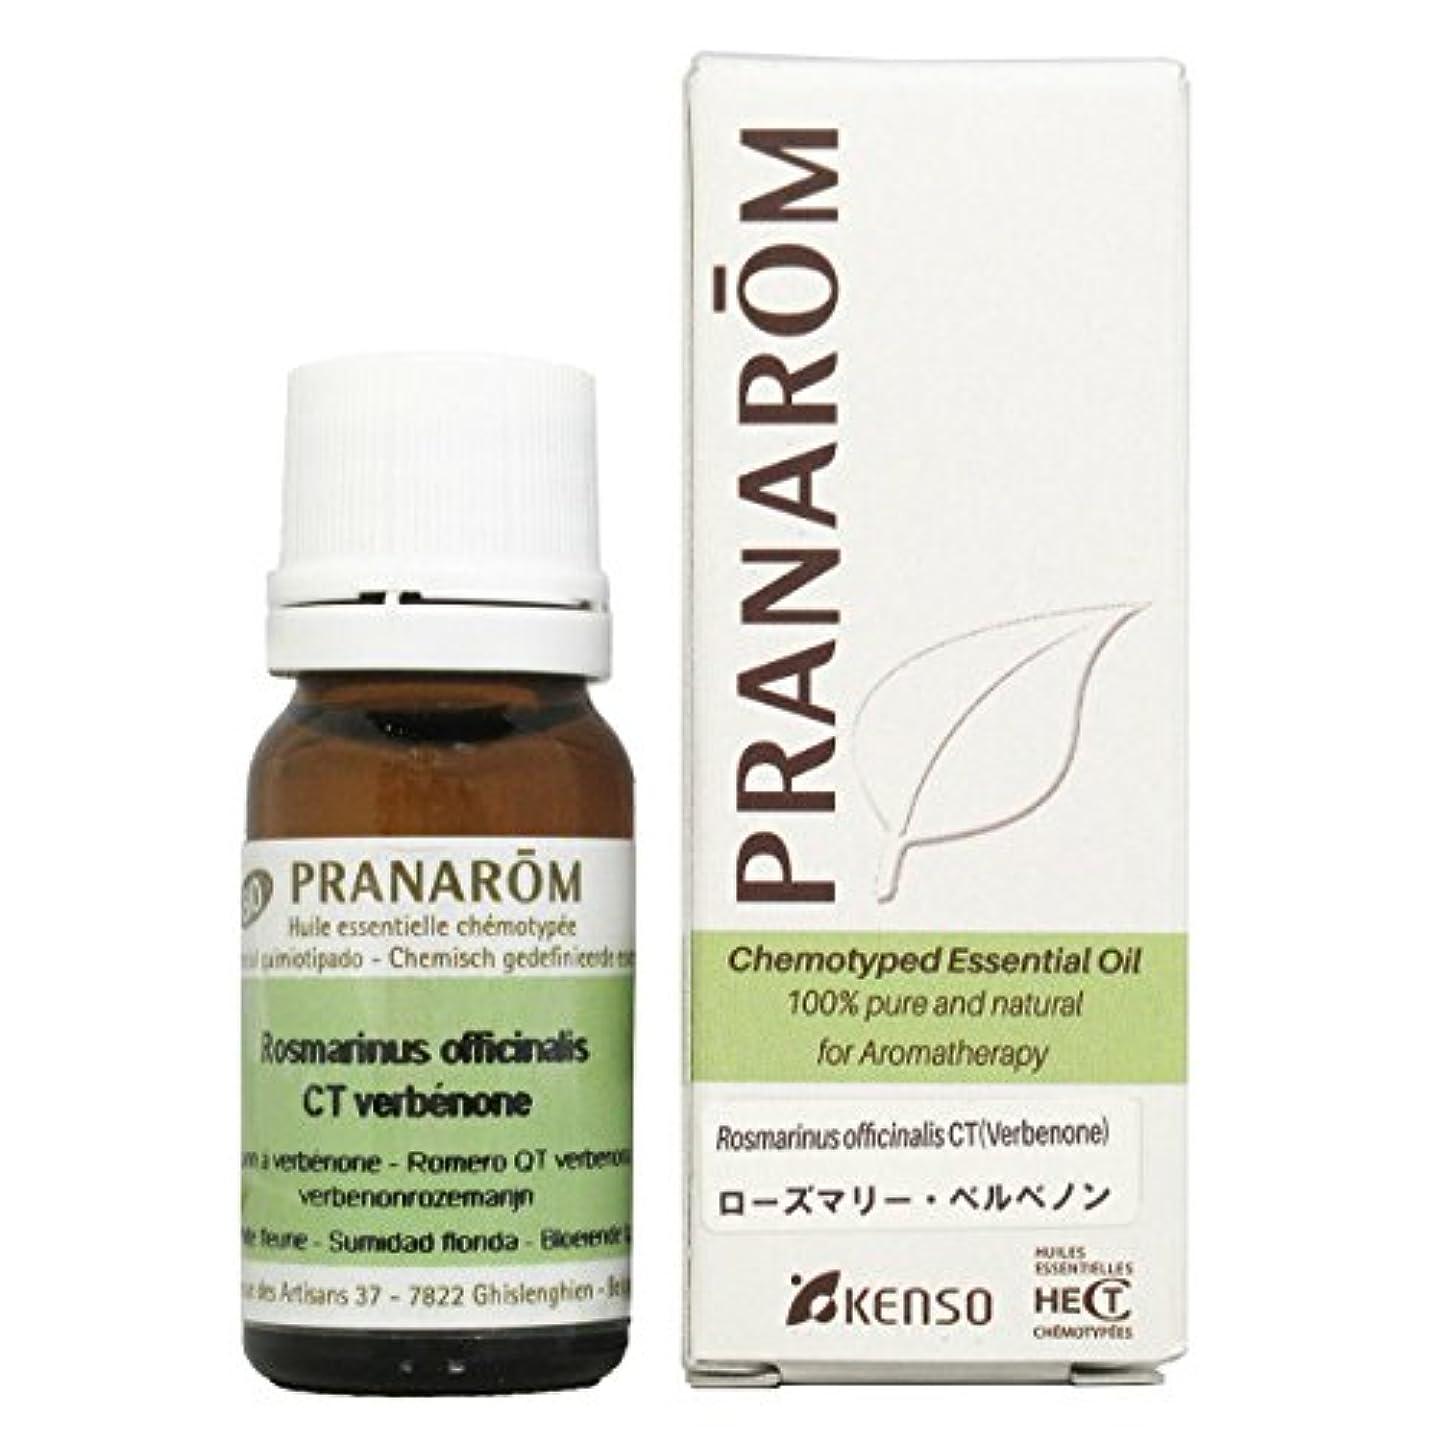 ファントム爆発物ウェイトレスプラナロム ローズマリーベルベノン 10ml (PRANAROM ケモタイプ精油)